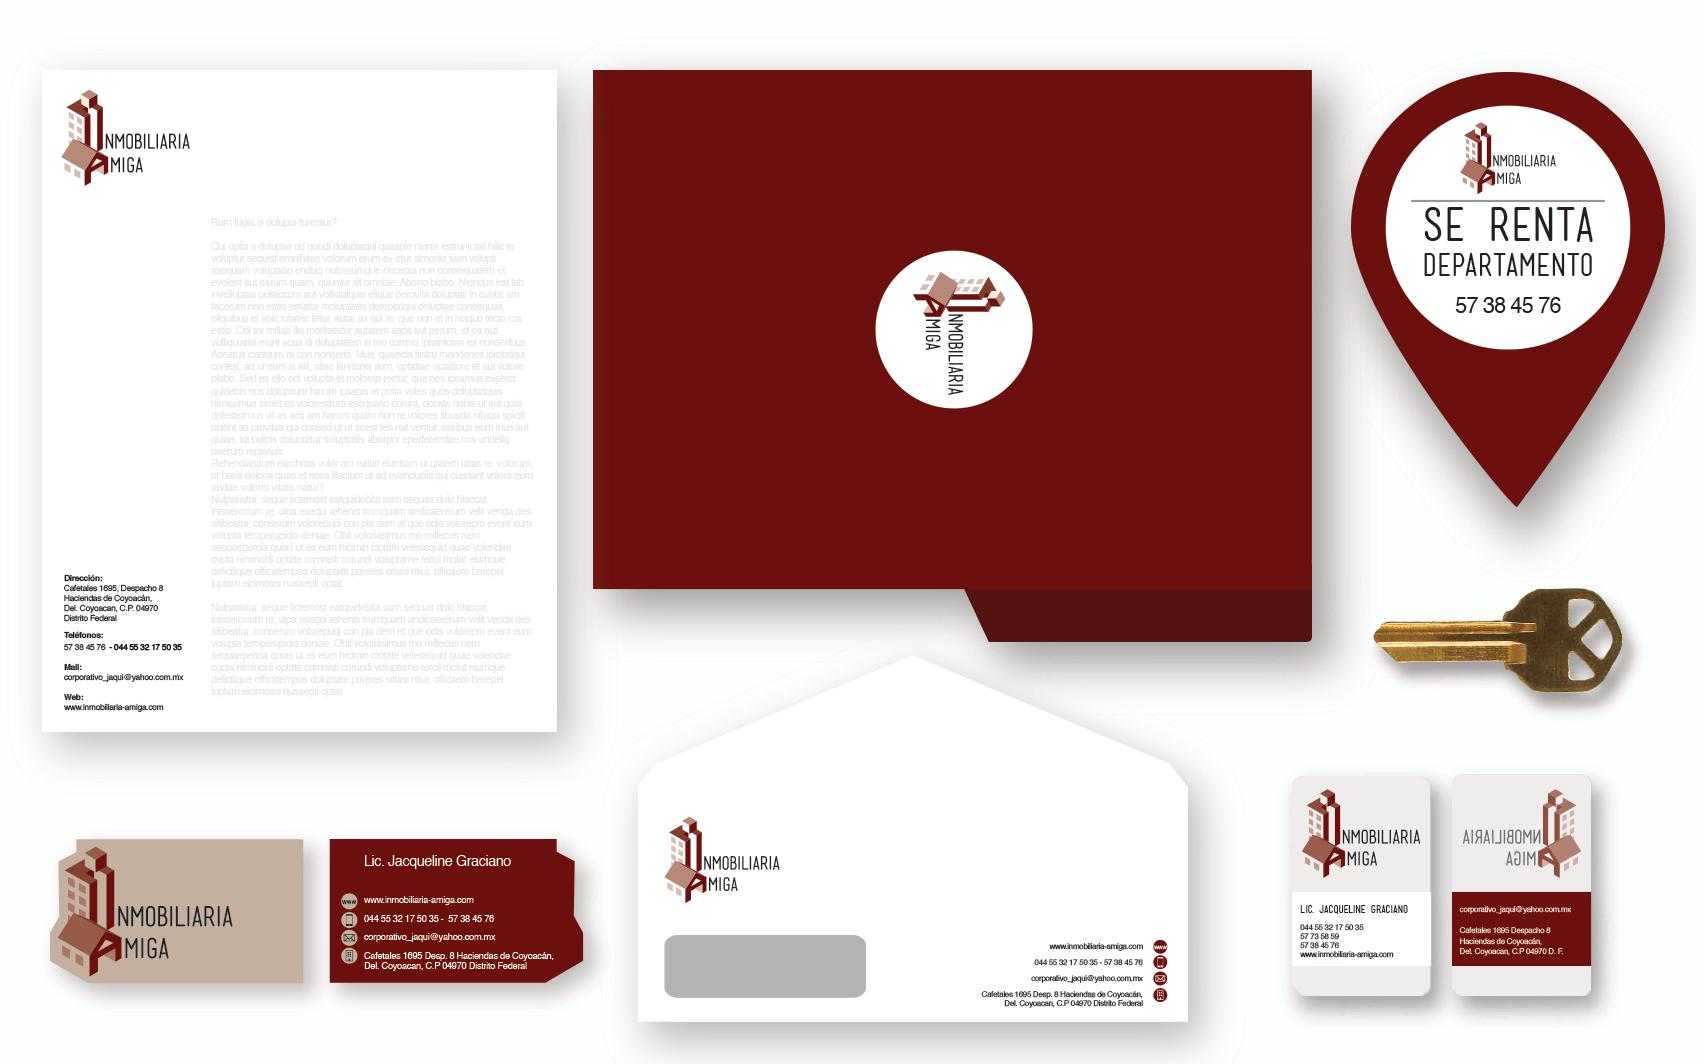 Diseño de identidad y papelería.